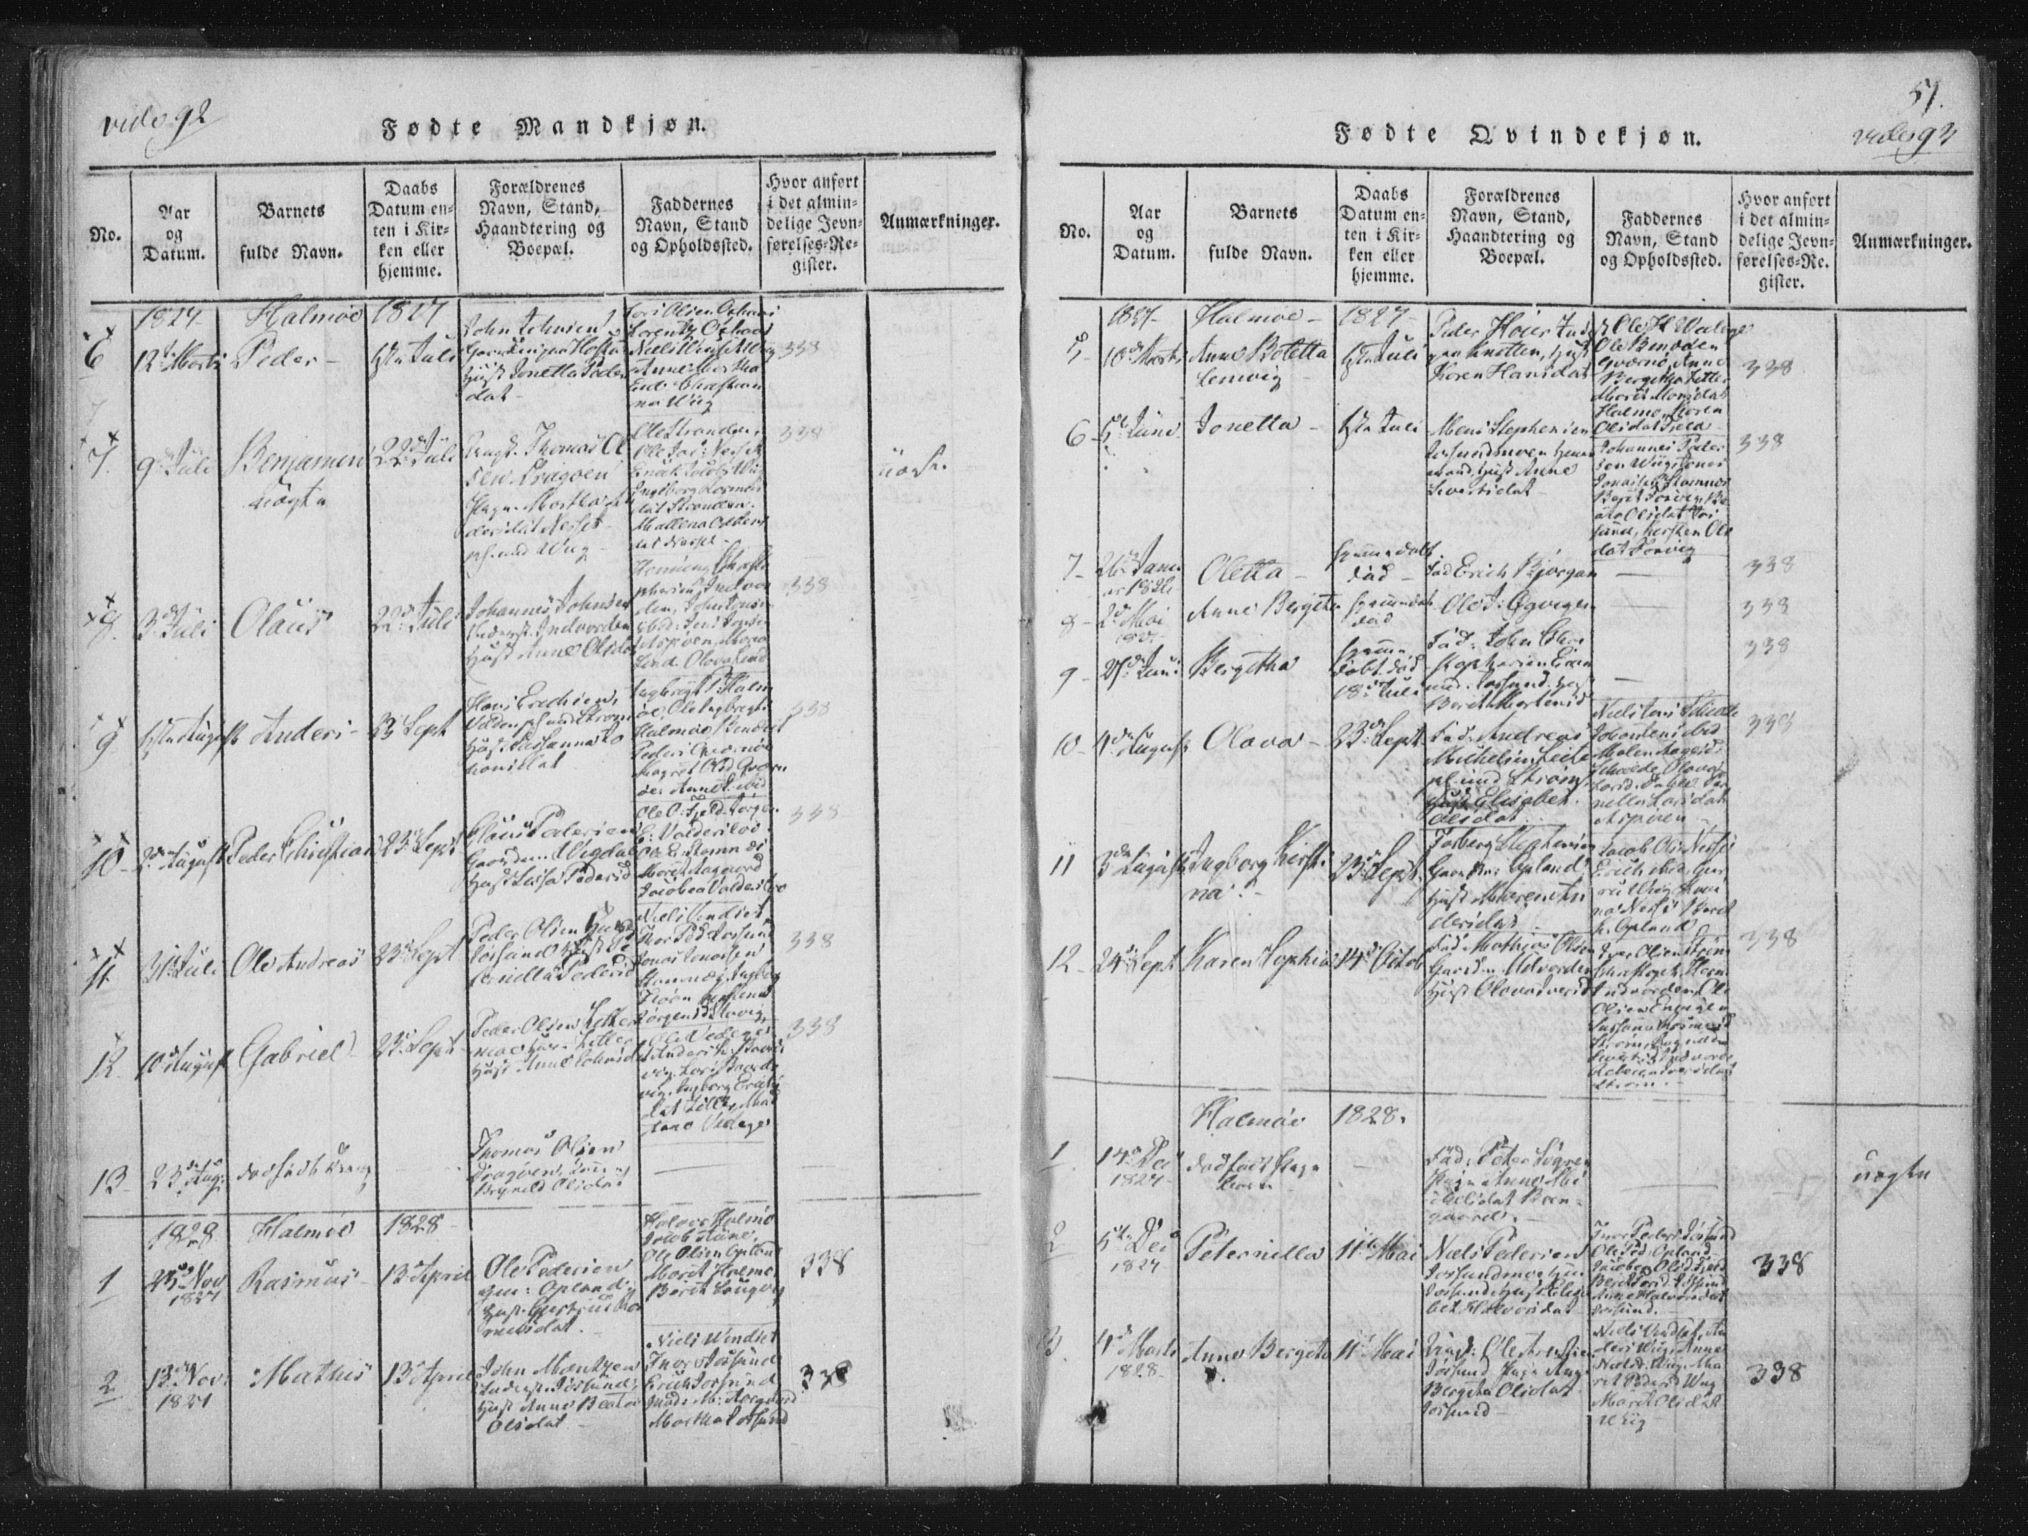 SAT, Ministerialprotokoller, klokkerbøker og fødselsregistre - Nord-Trøndelag, 773/L0609: Ministerialbok nr. 773A03 /3, 1815-1830, s. 51